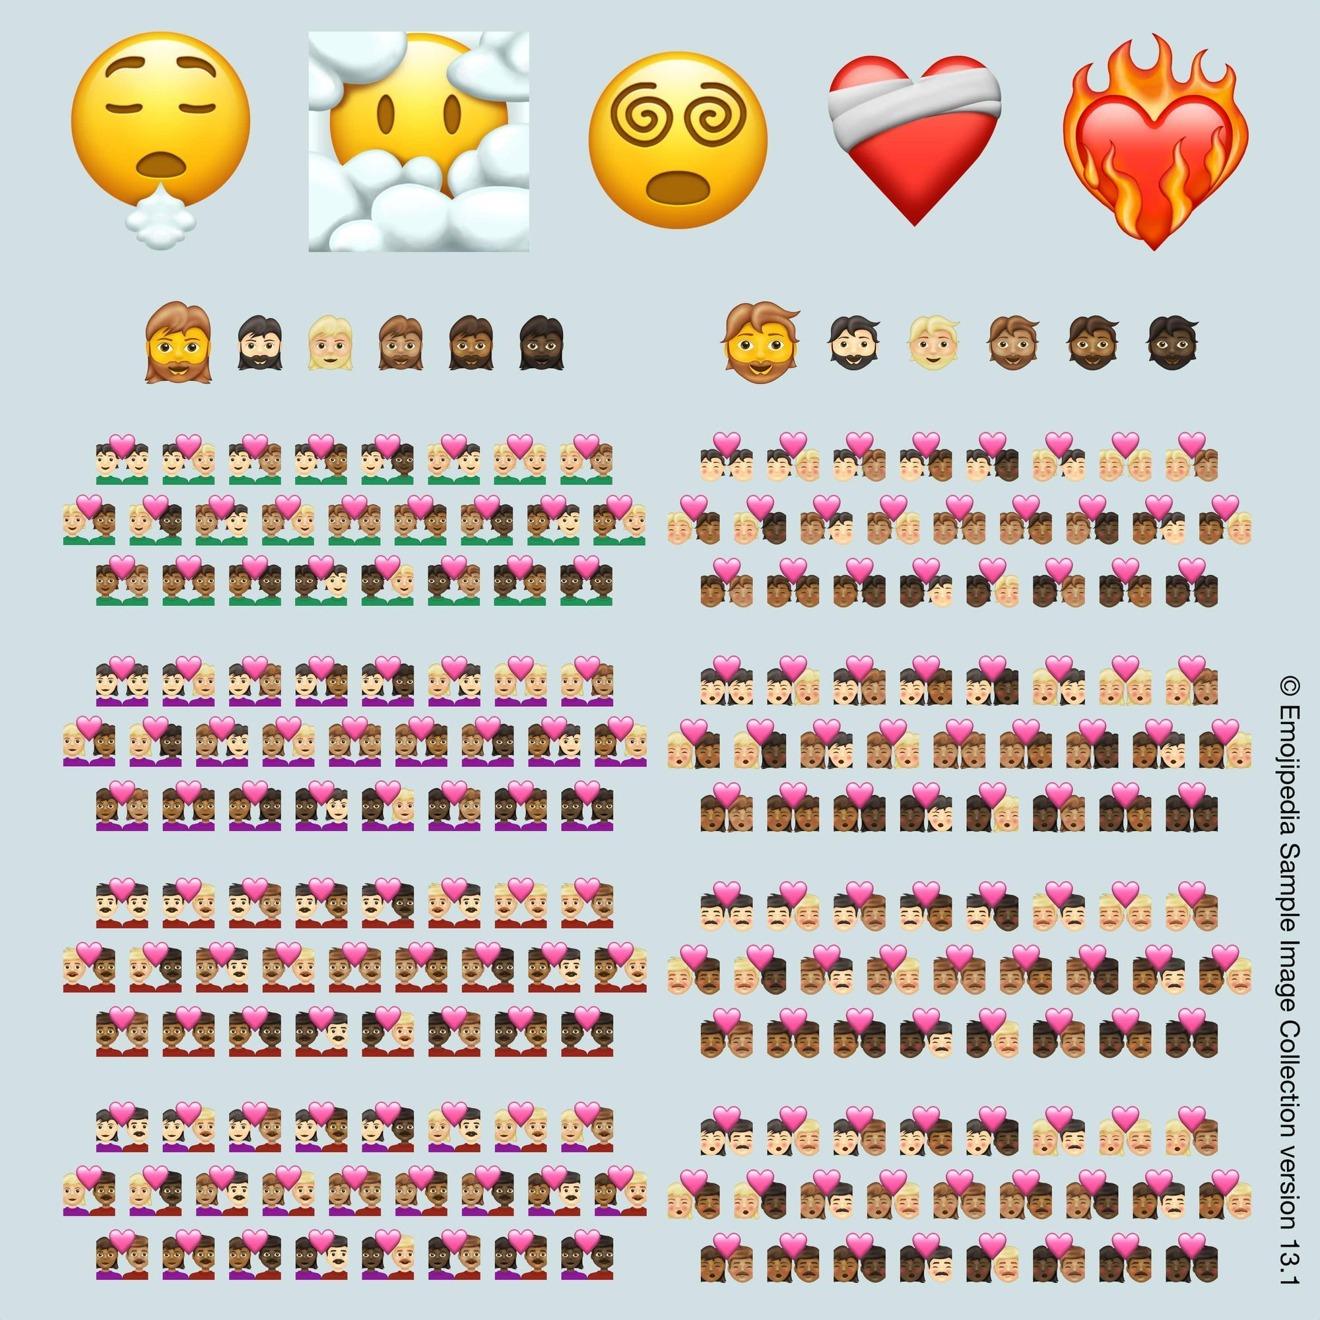 Las 217 combinaciones de emoji en Emoji 13.1 [via Emojipedia]